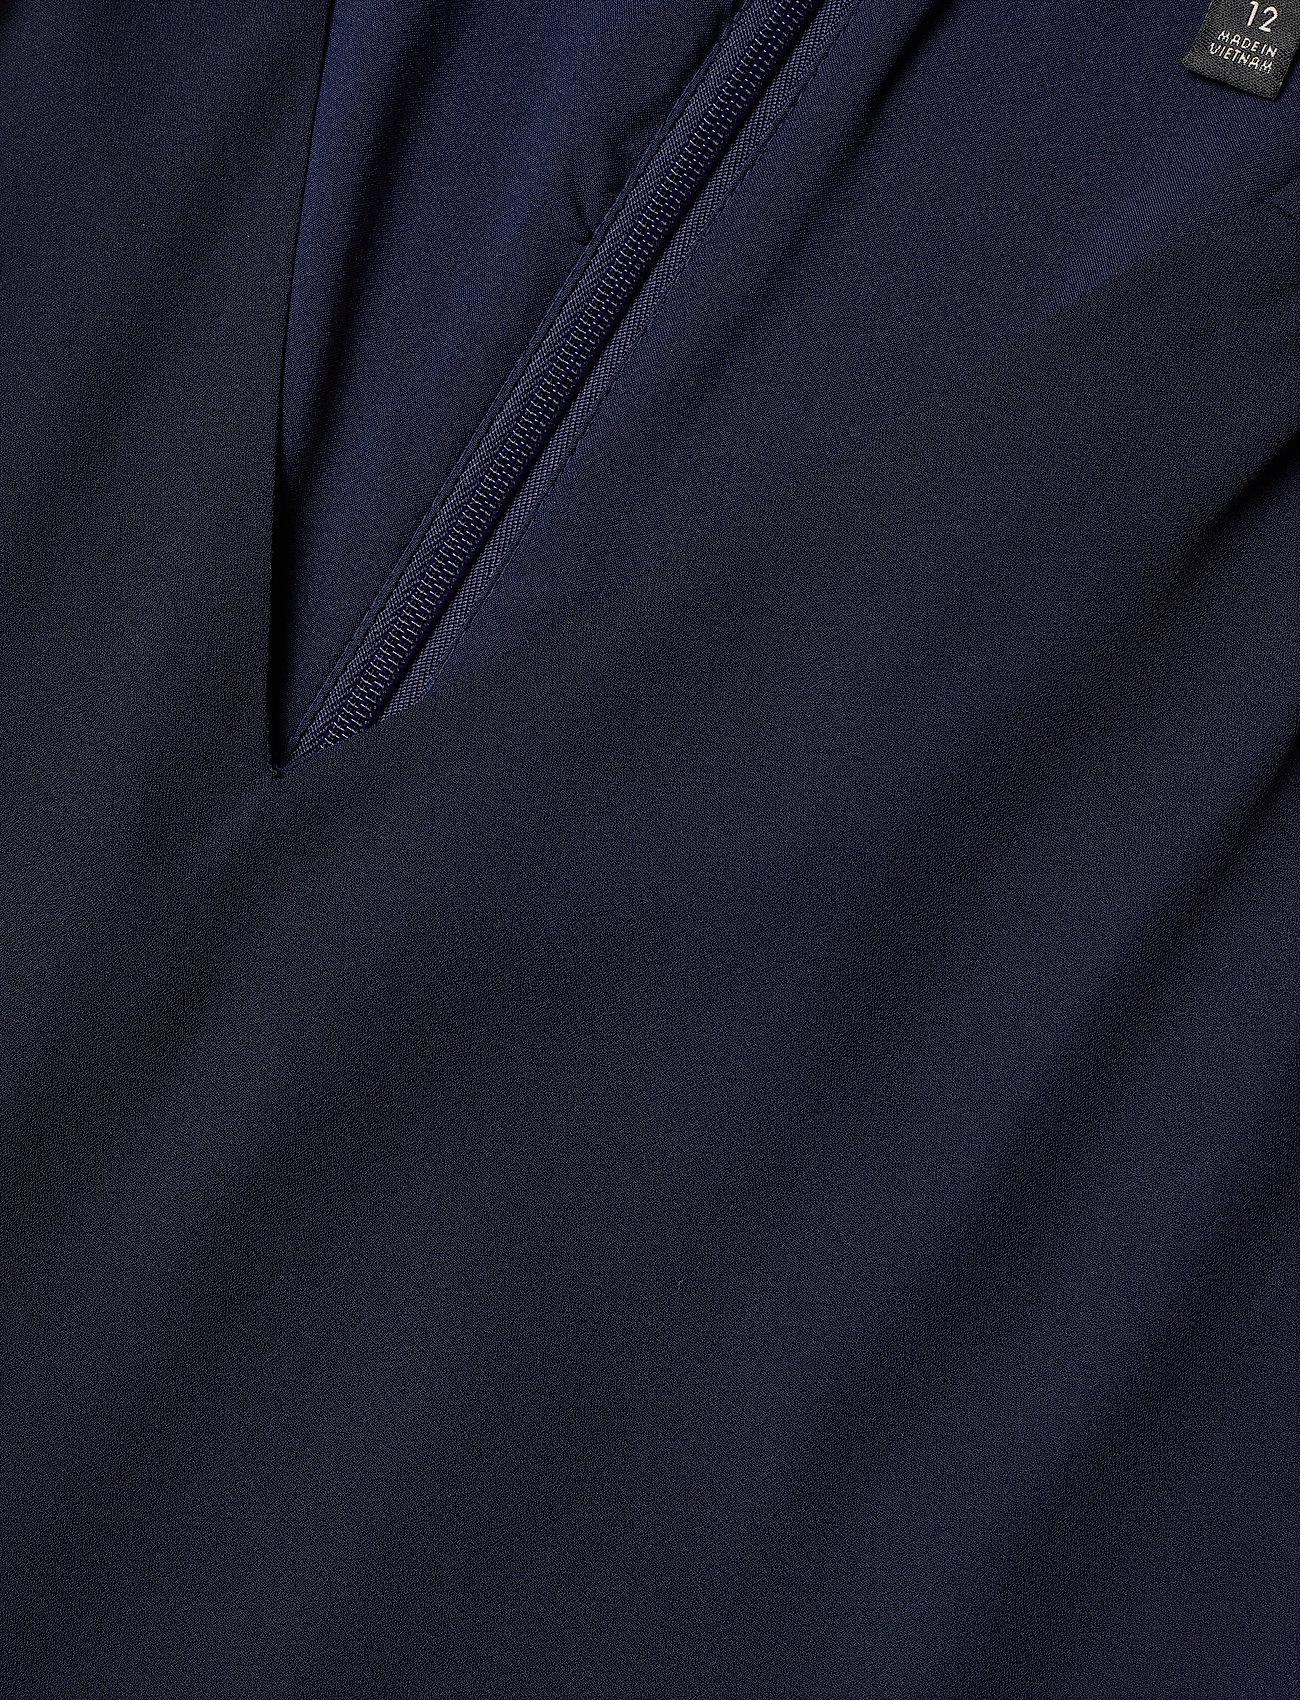 Banana Republic I RUFFLED MINI SWING DRESS - Sukienki PREPPY NAVY - Kobiety Odzież.